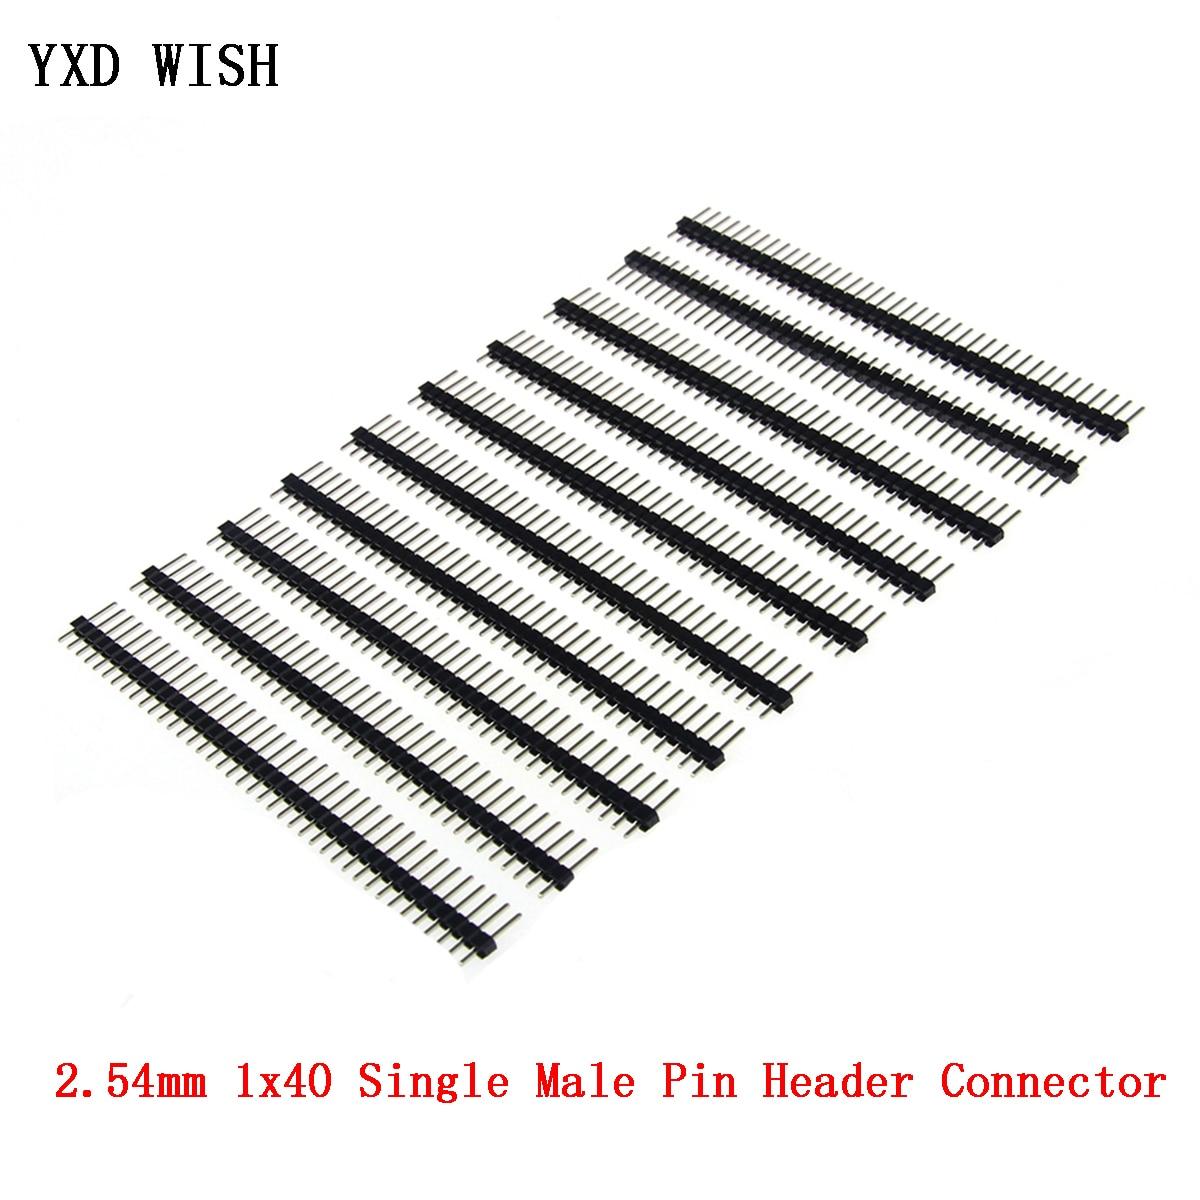 10pcs 2.54mm 단일 남성 핀 헤더 커넥터 1x40 단일 행 2.54 깨지기 쉬운 40 핀 커넥터 스트립 보드